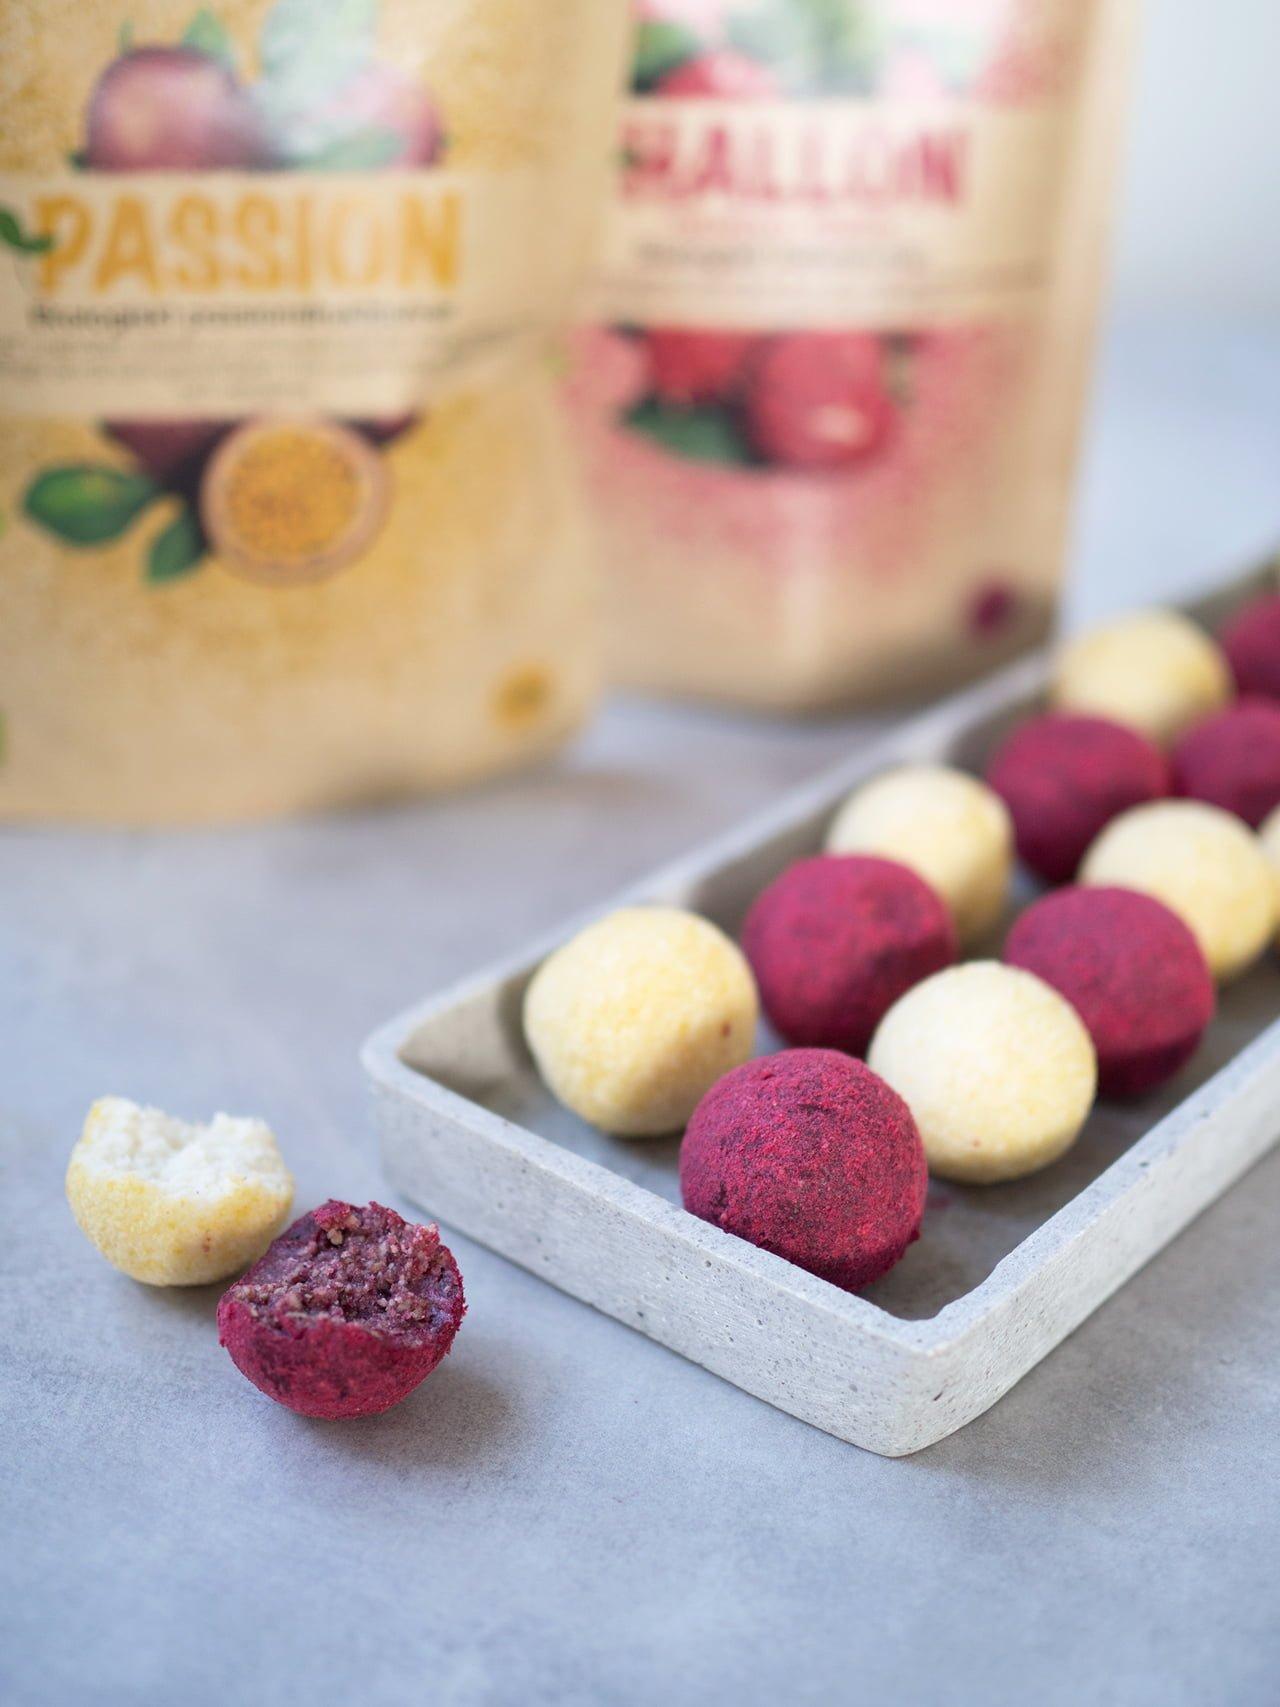 Glutenfria rawbollar med bärpulver